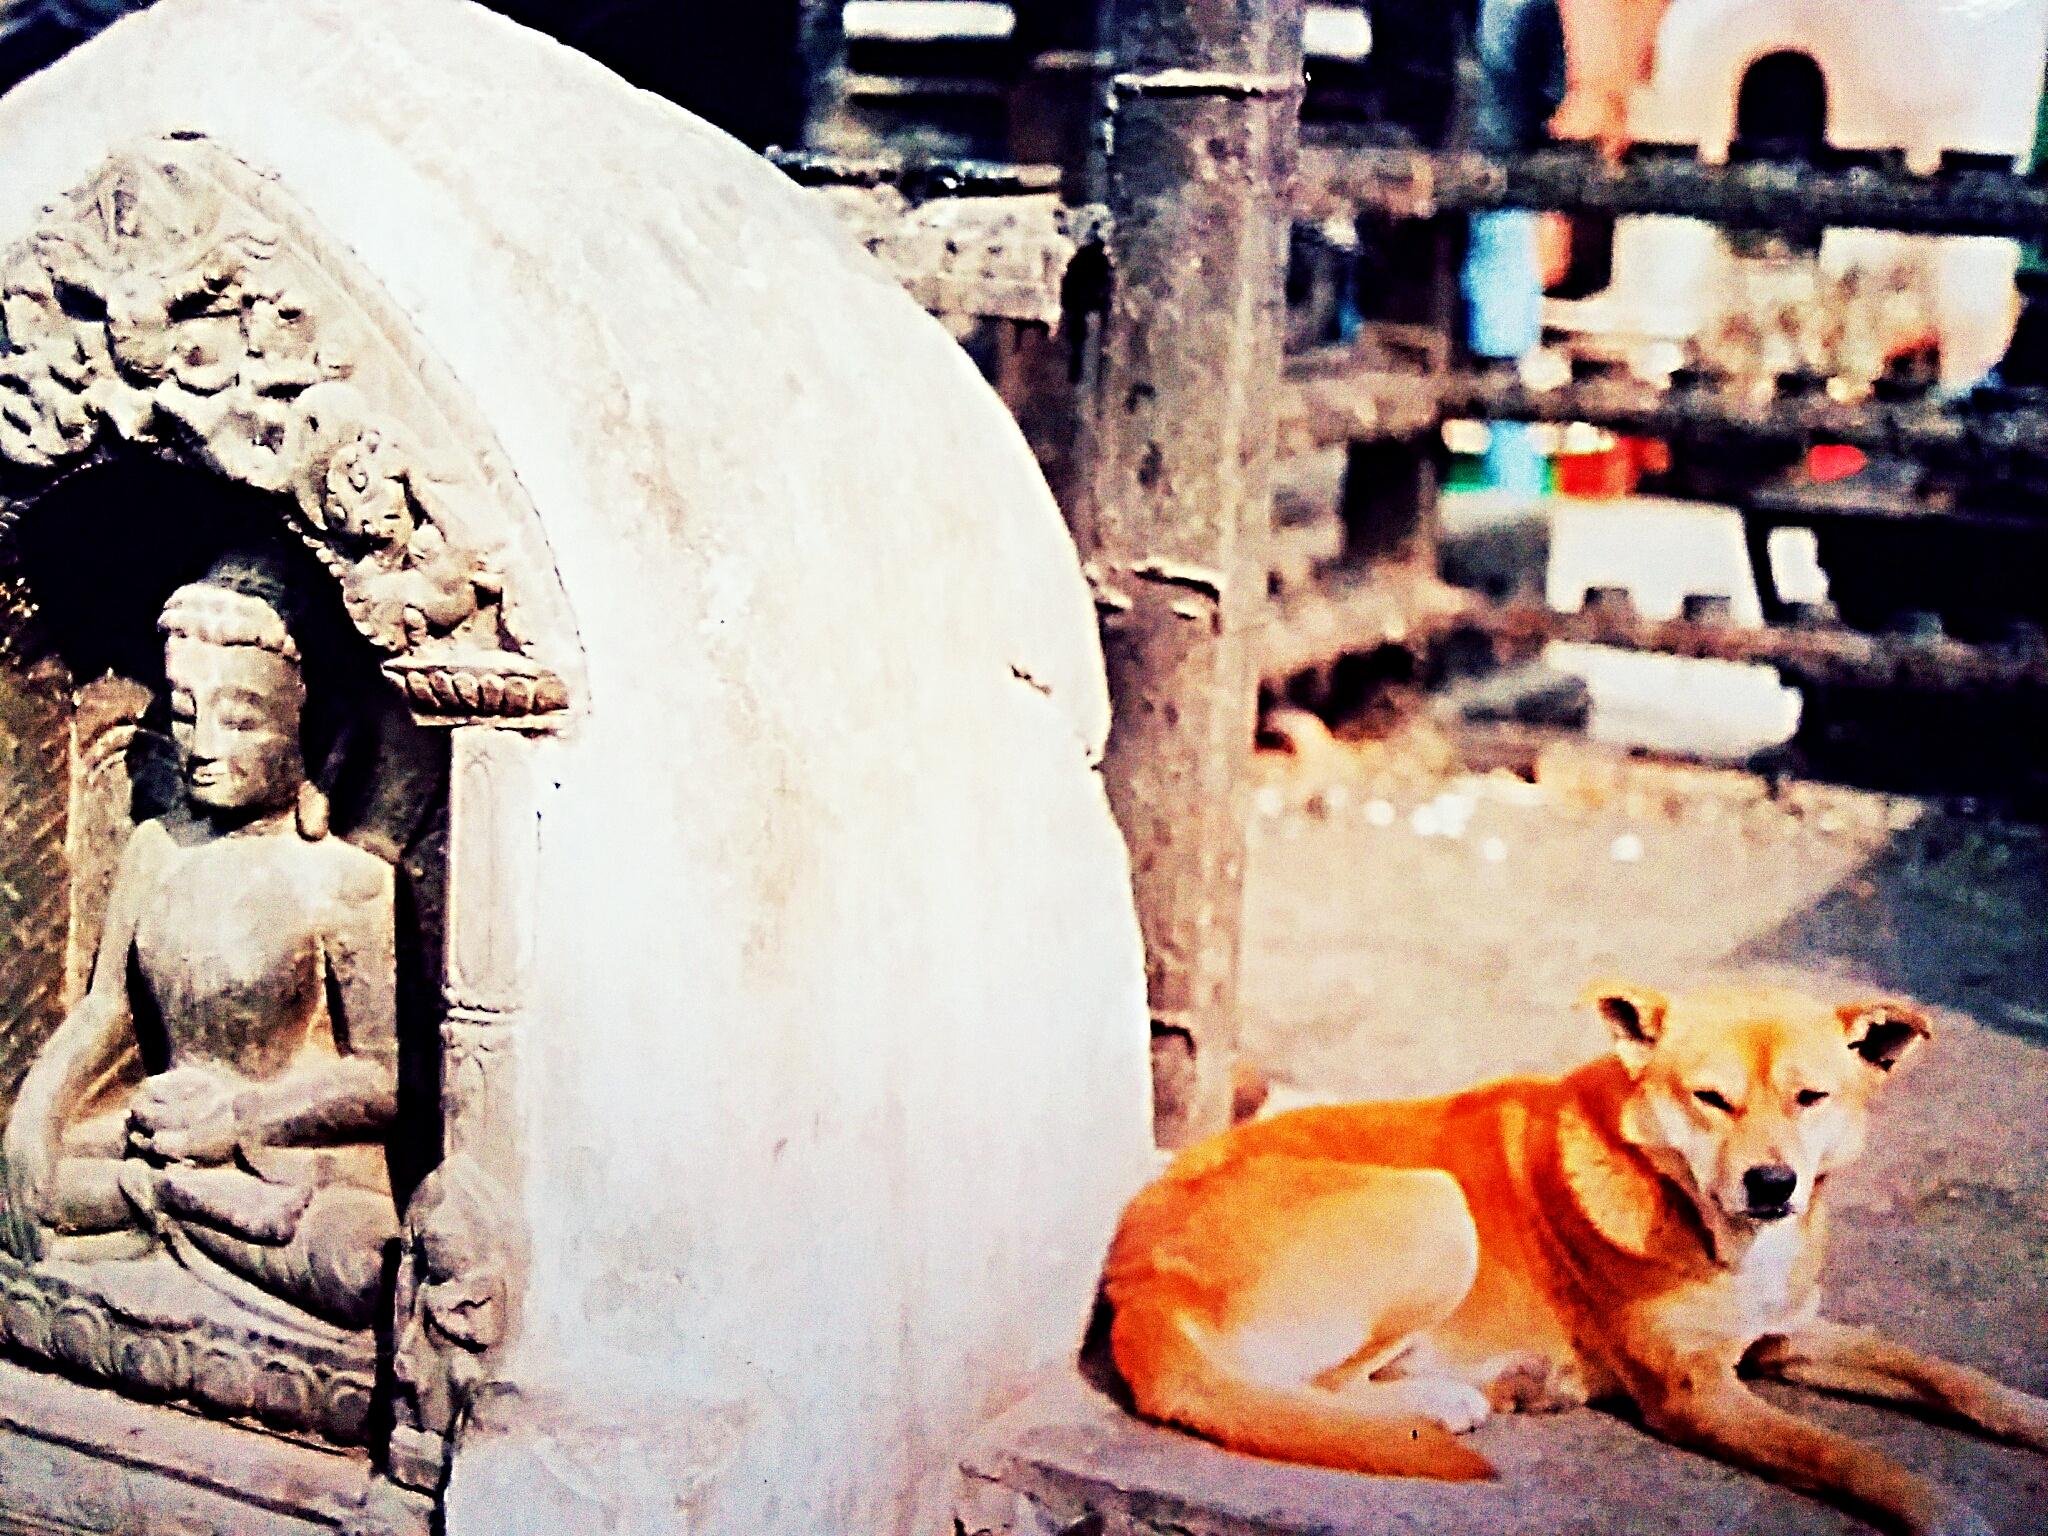 『ネパールで犬に噛まれた!~その時何が?』絶対死ぬ狂犬病の症状とは?